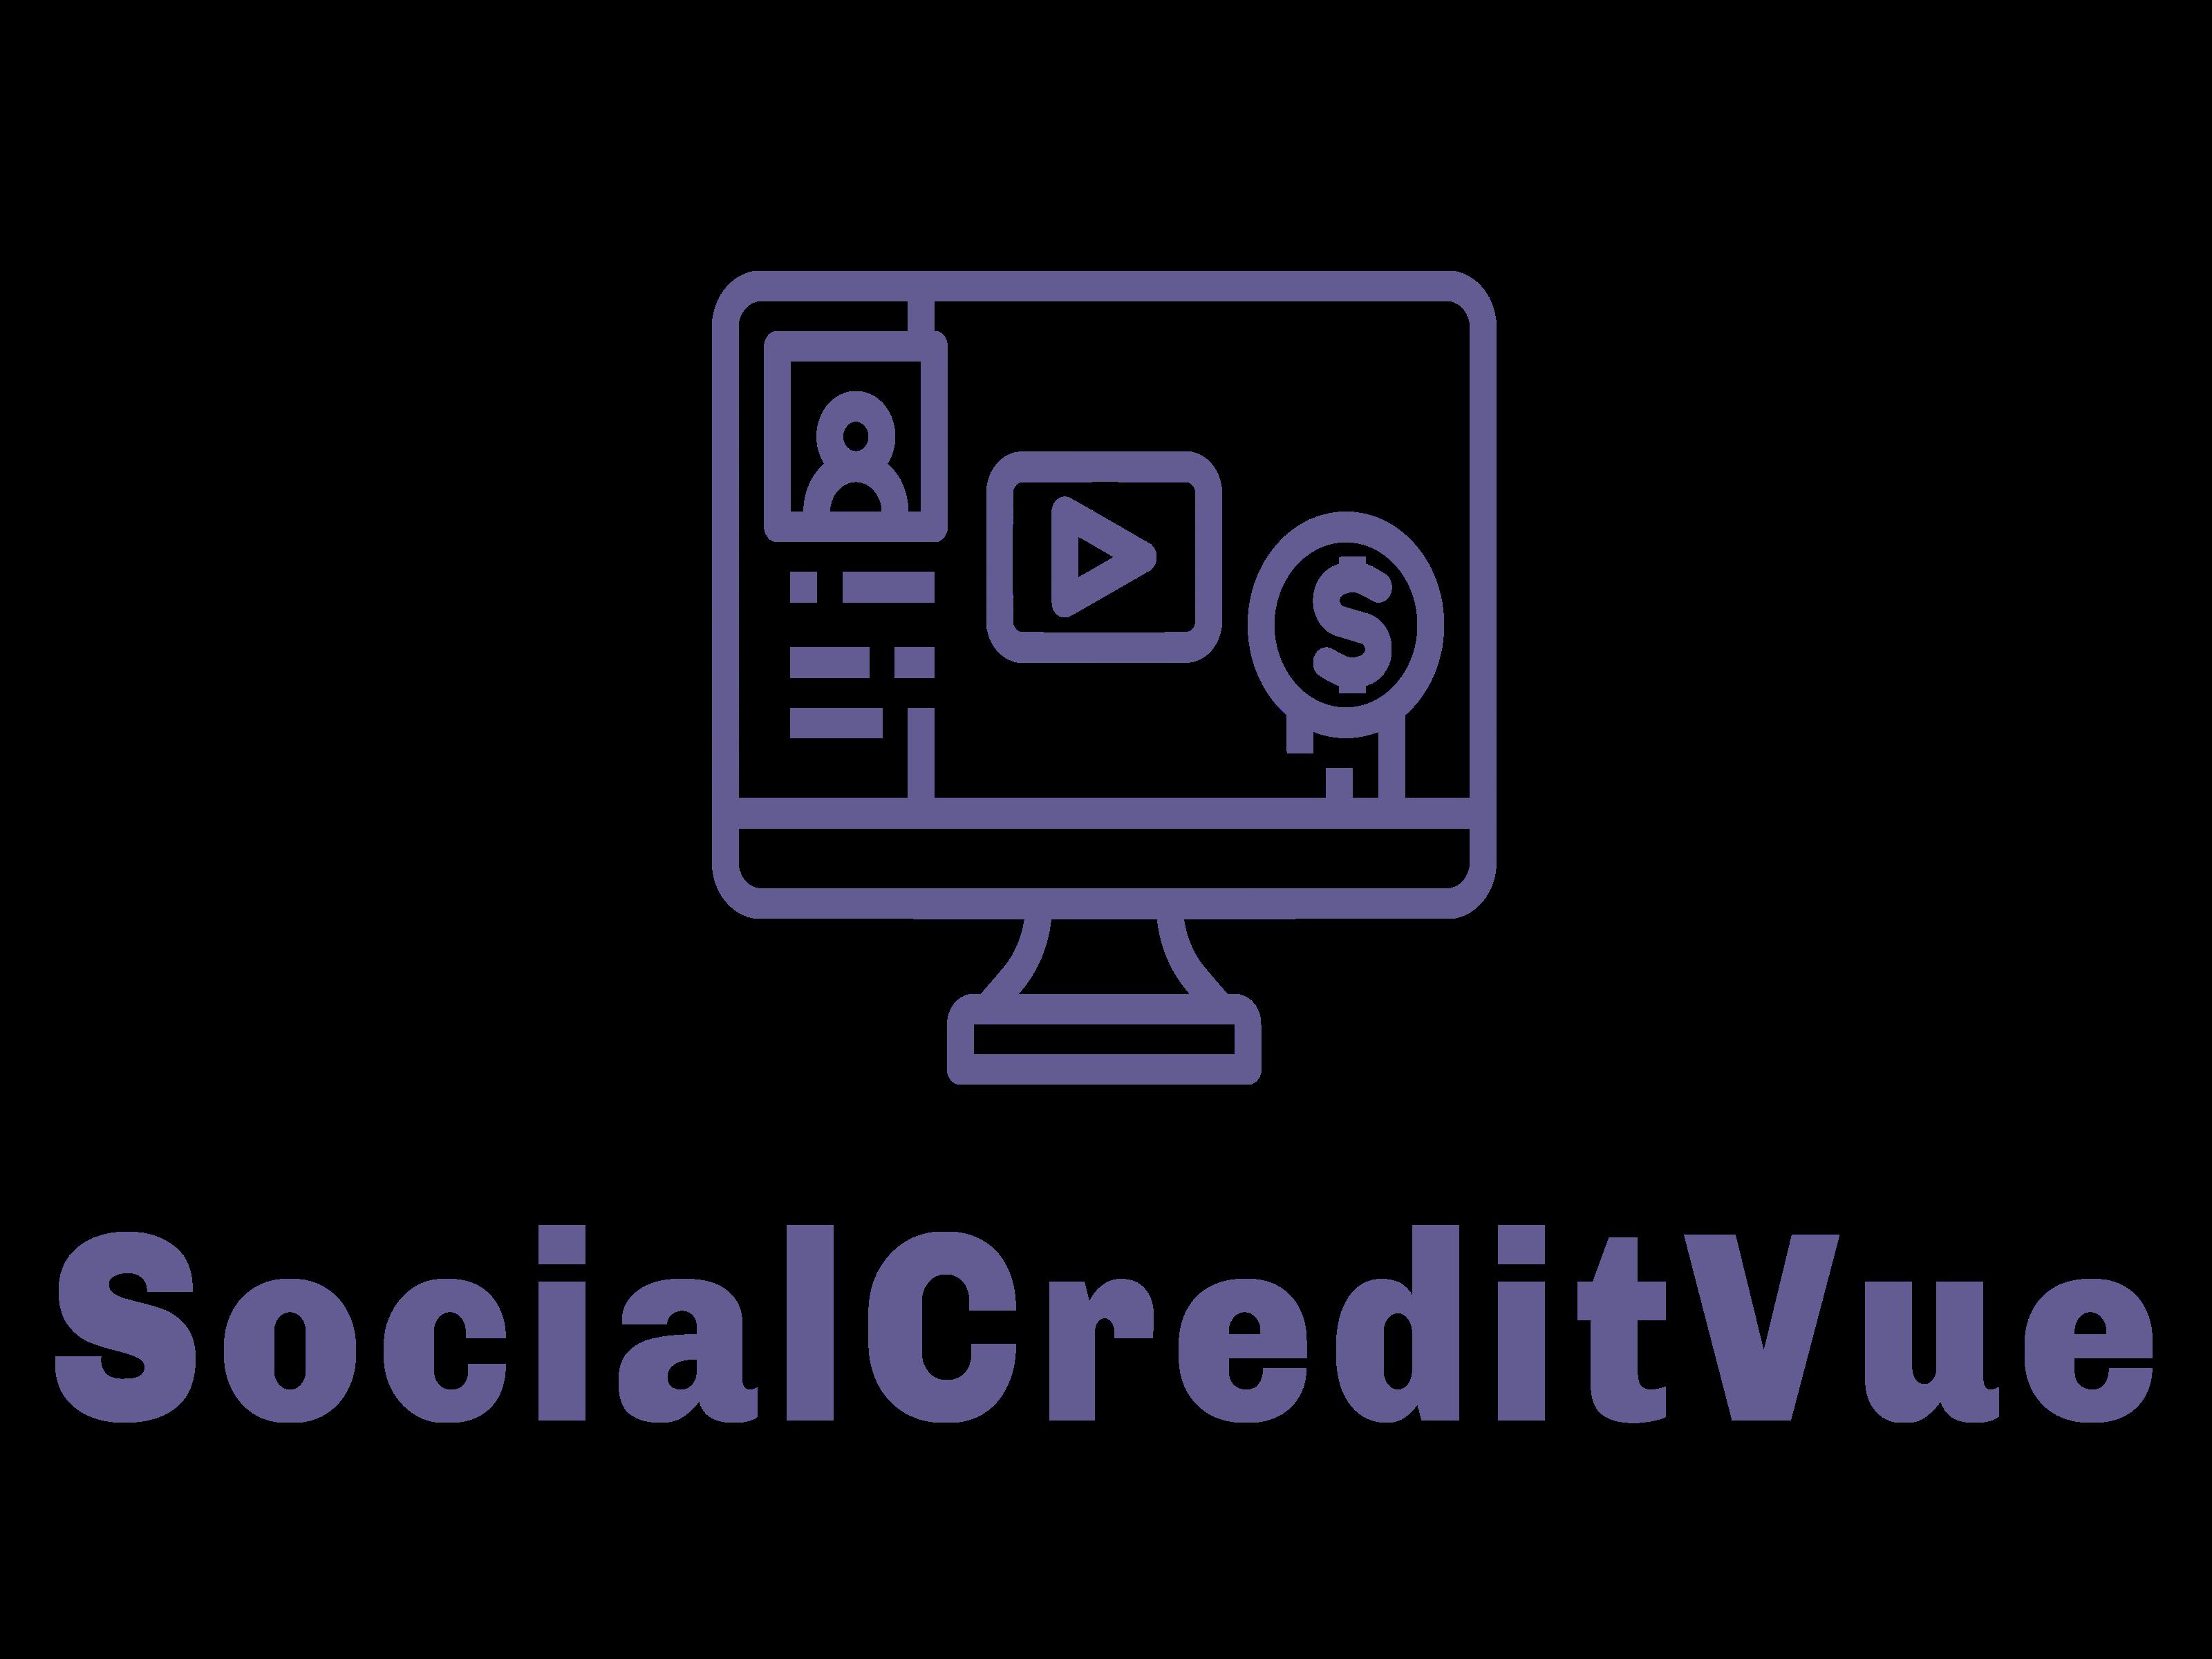 SocialCreditVue